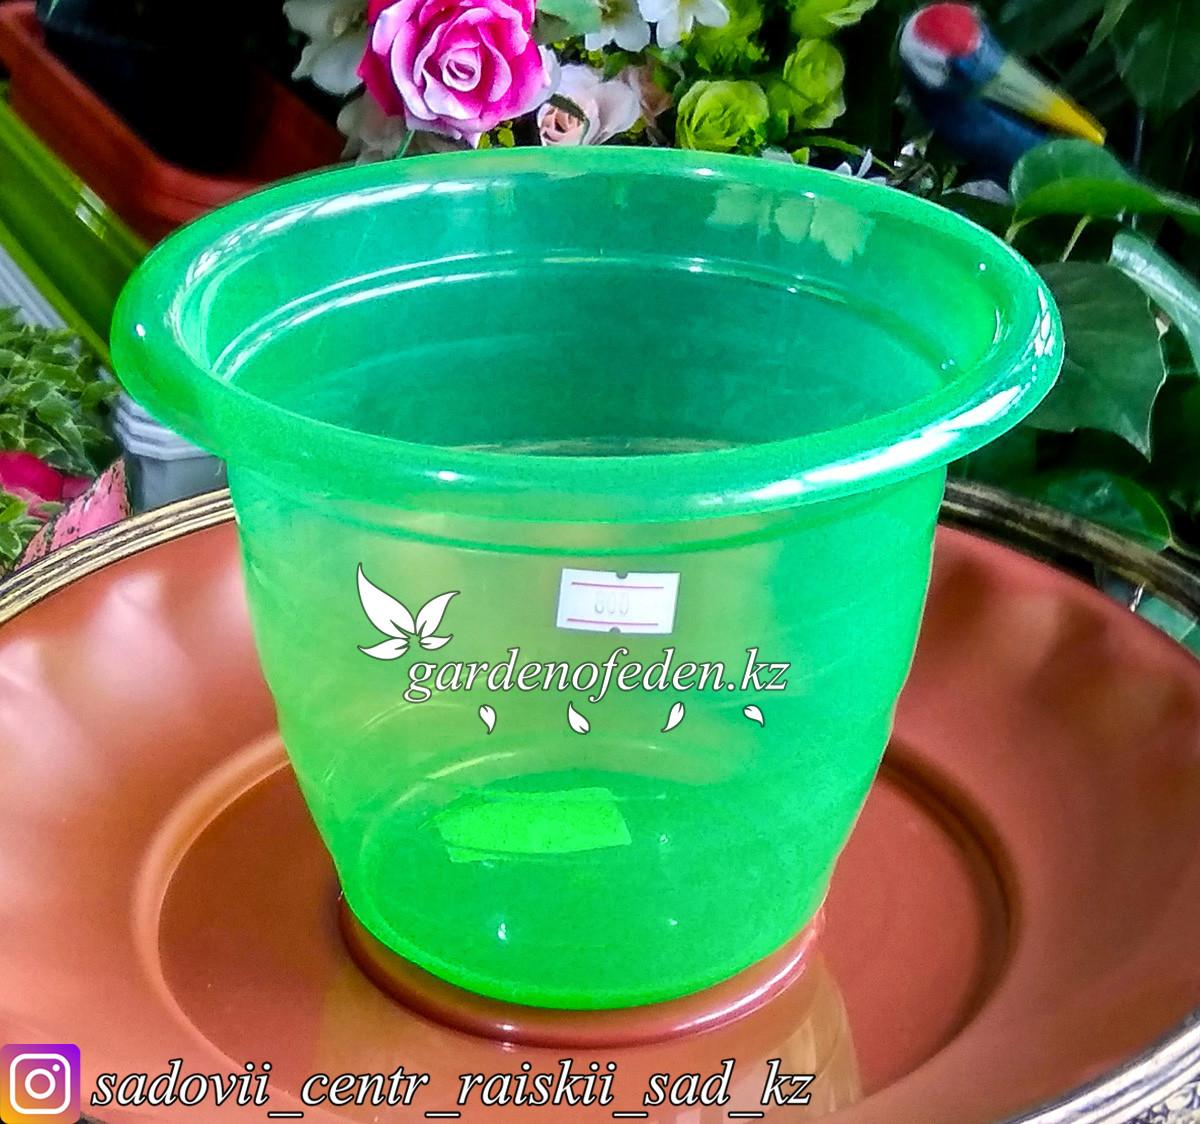 Пластиковый горшок для орхидей. Цвет: зеленый, полу-прозрачный. Объем: 2л.